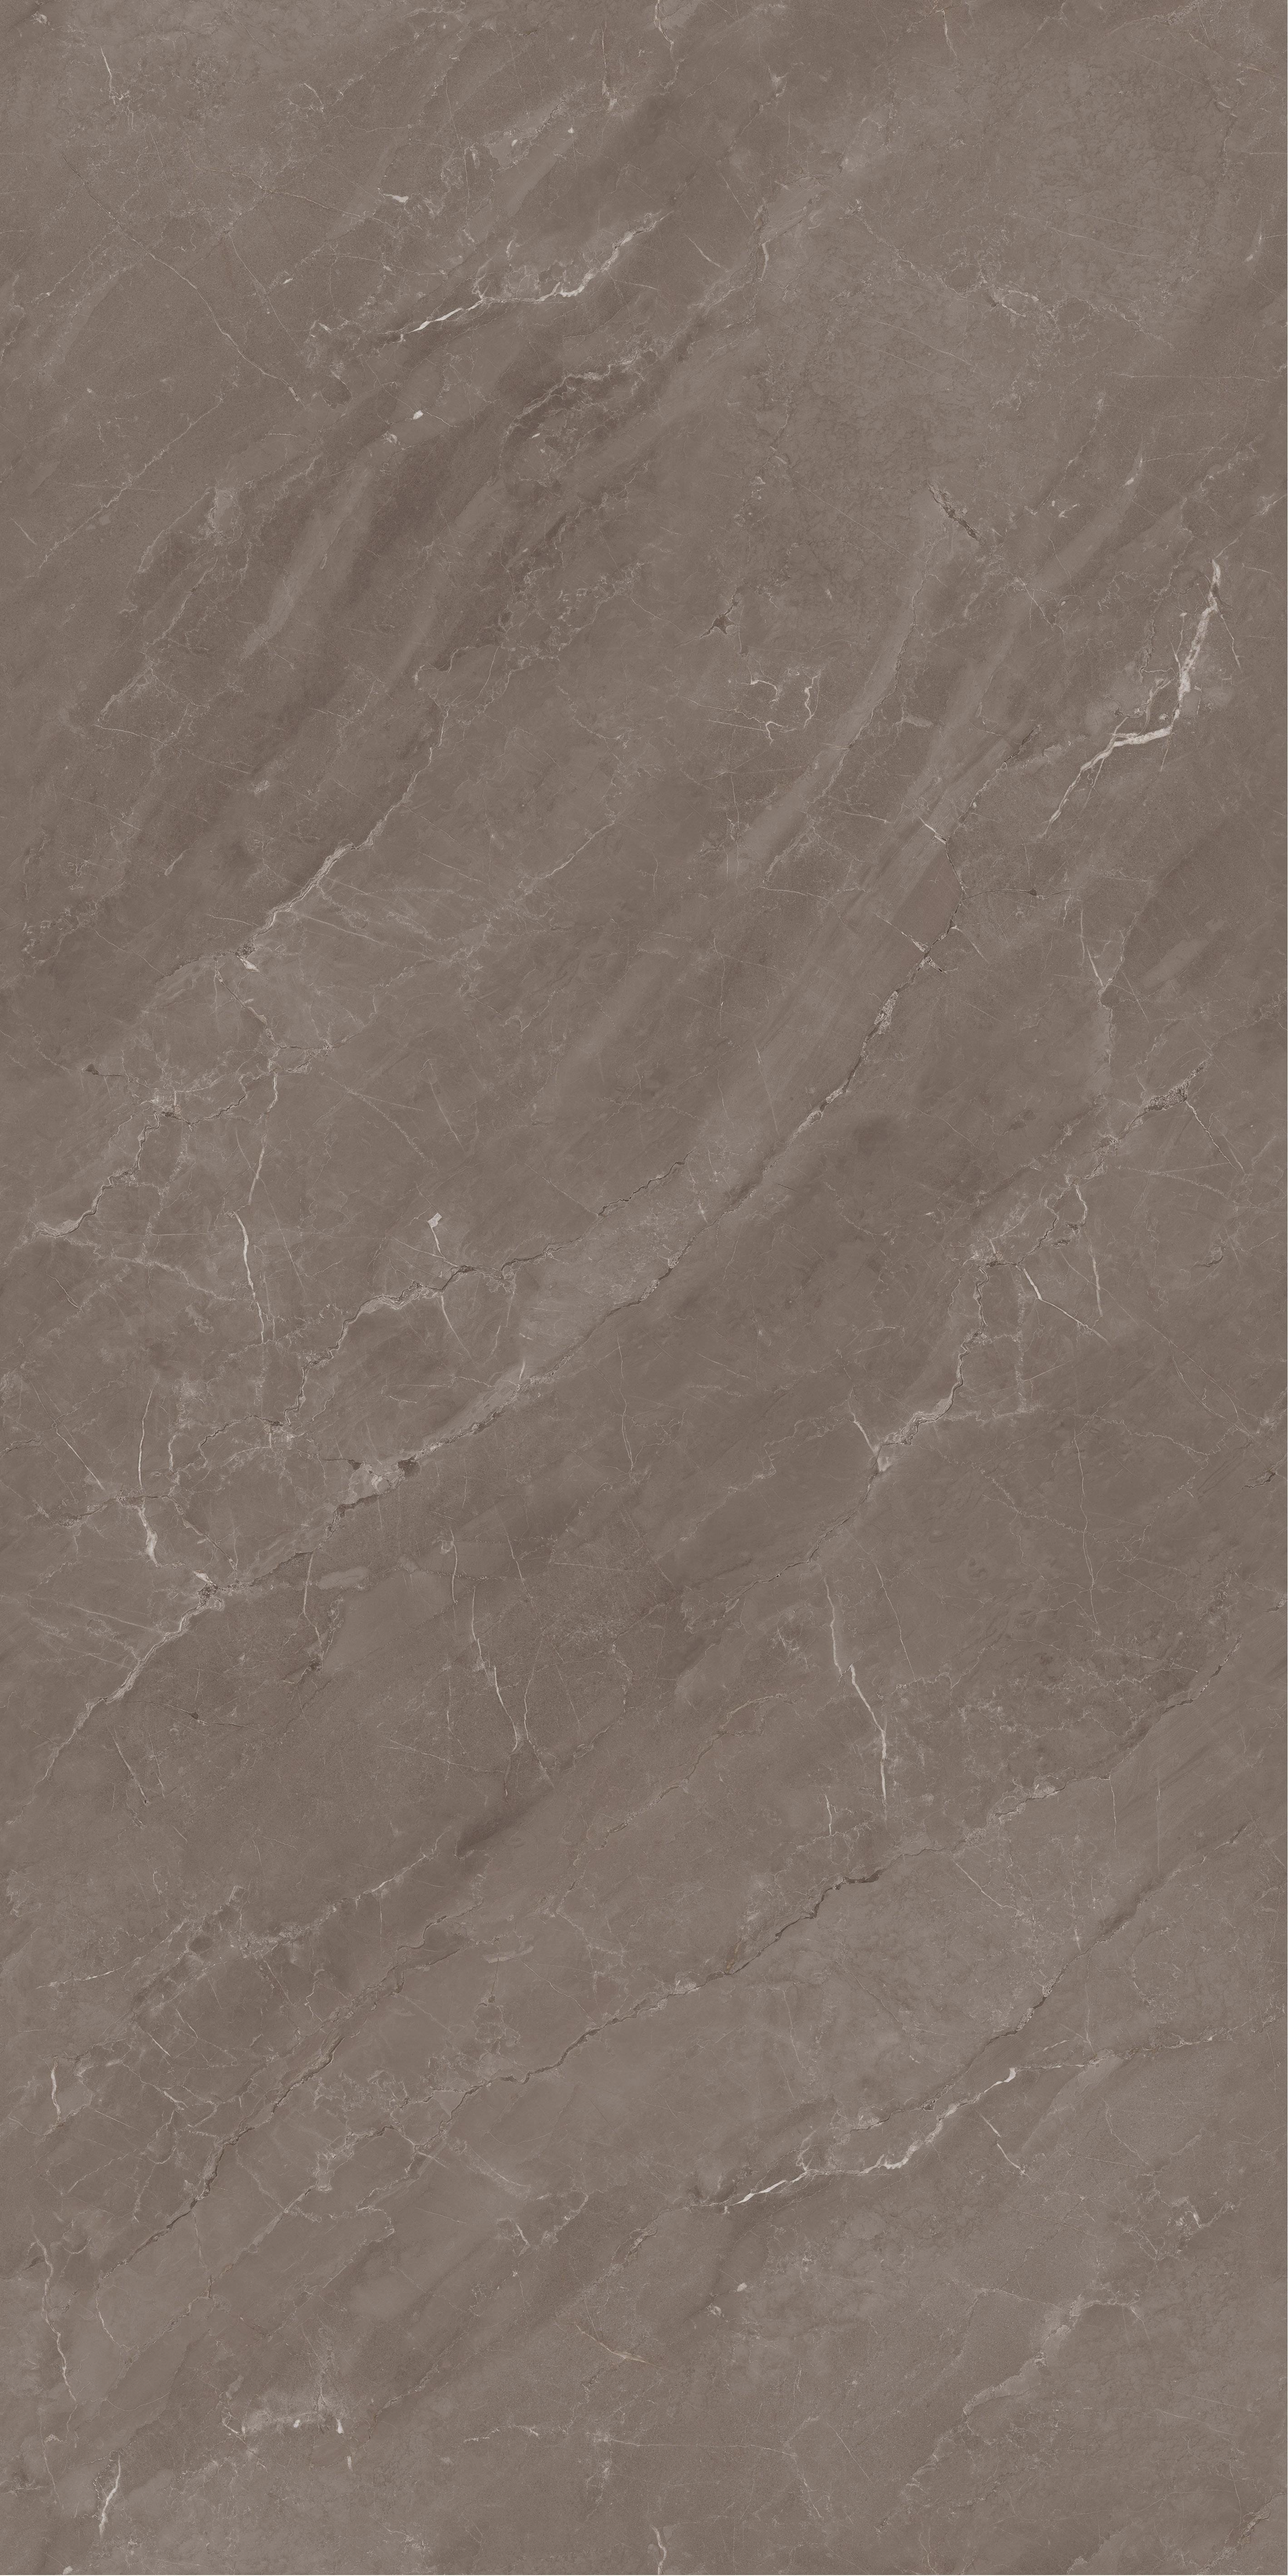 宏宇陶瓷-HYG1890014曼德拉棕